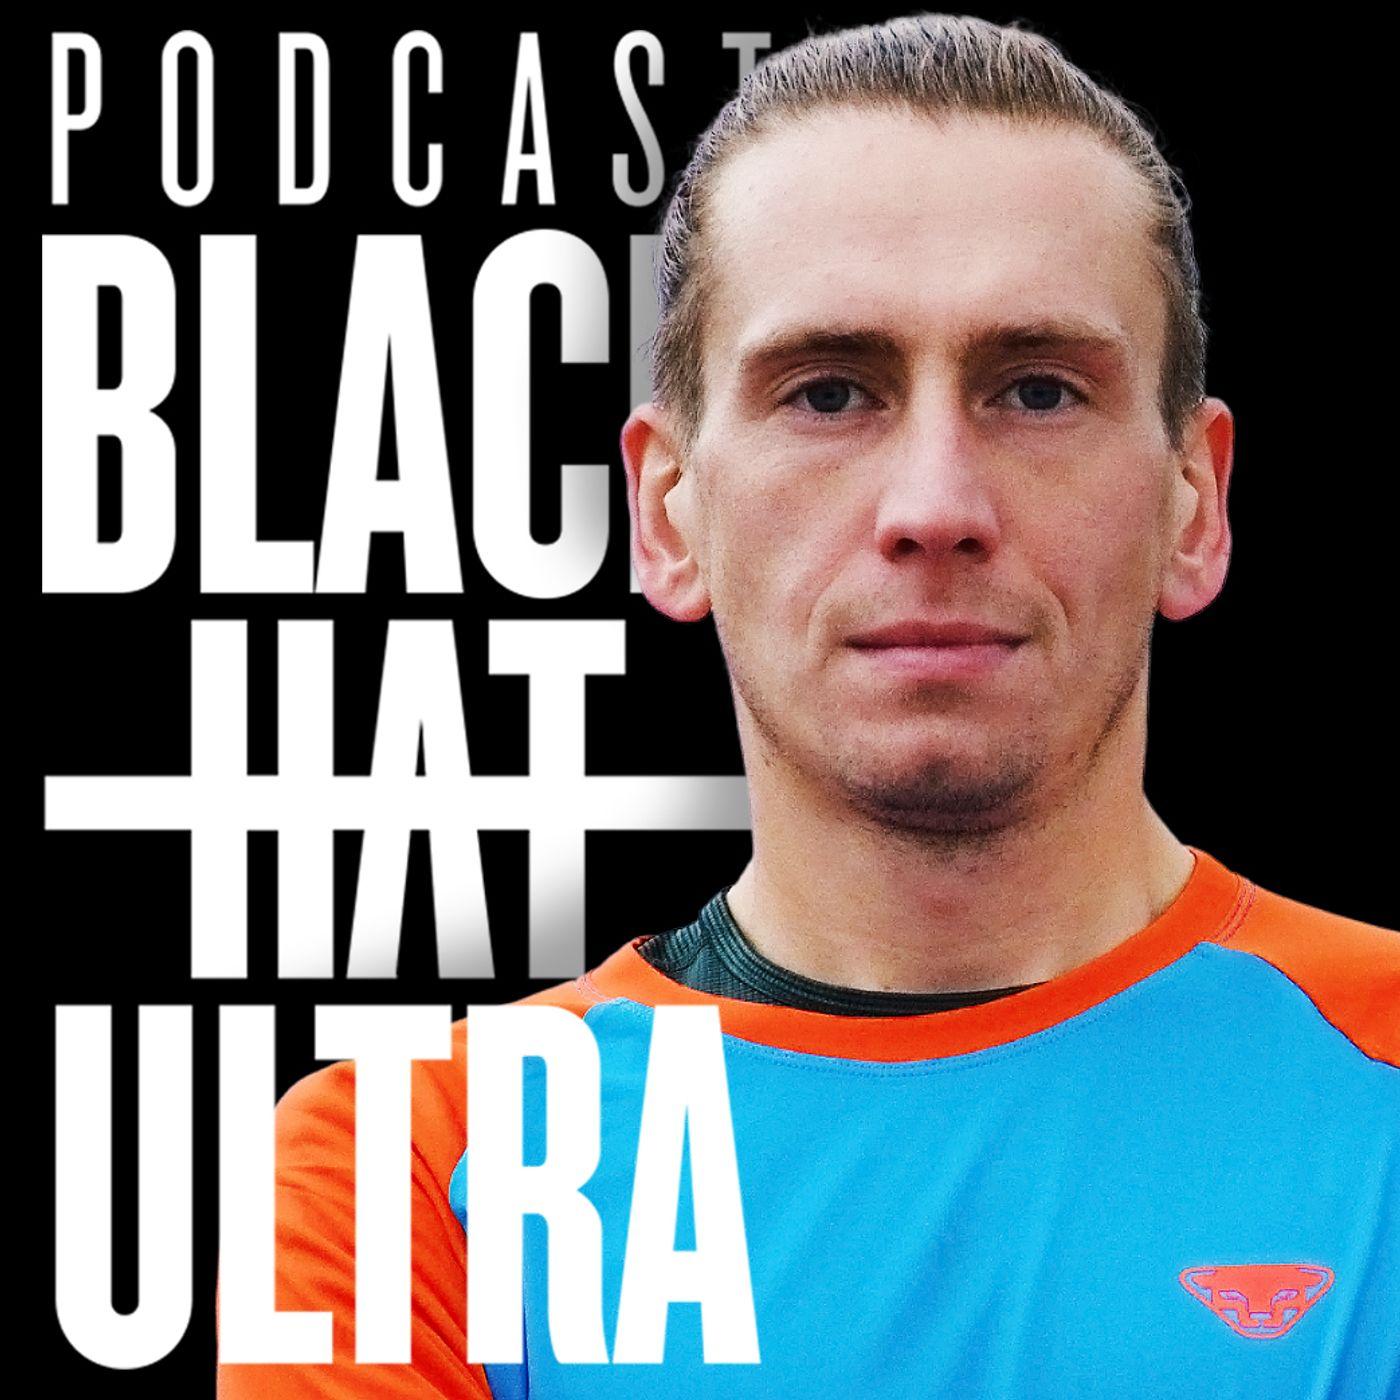 """#76 Andrzej Witek: biegacz szybki - """"140 minut"""" - Black Hat Ultra podcast"""